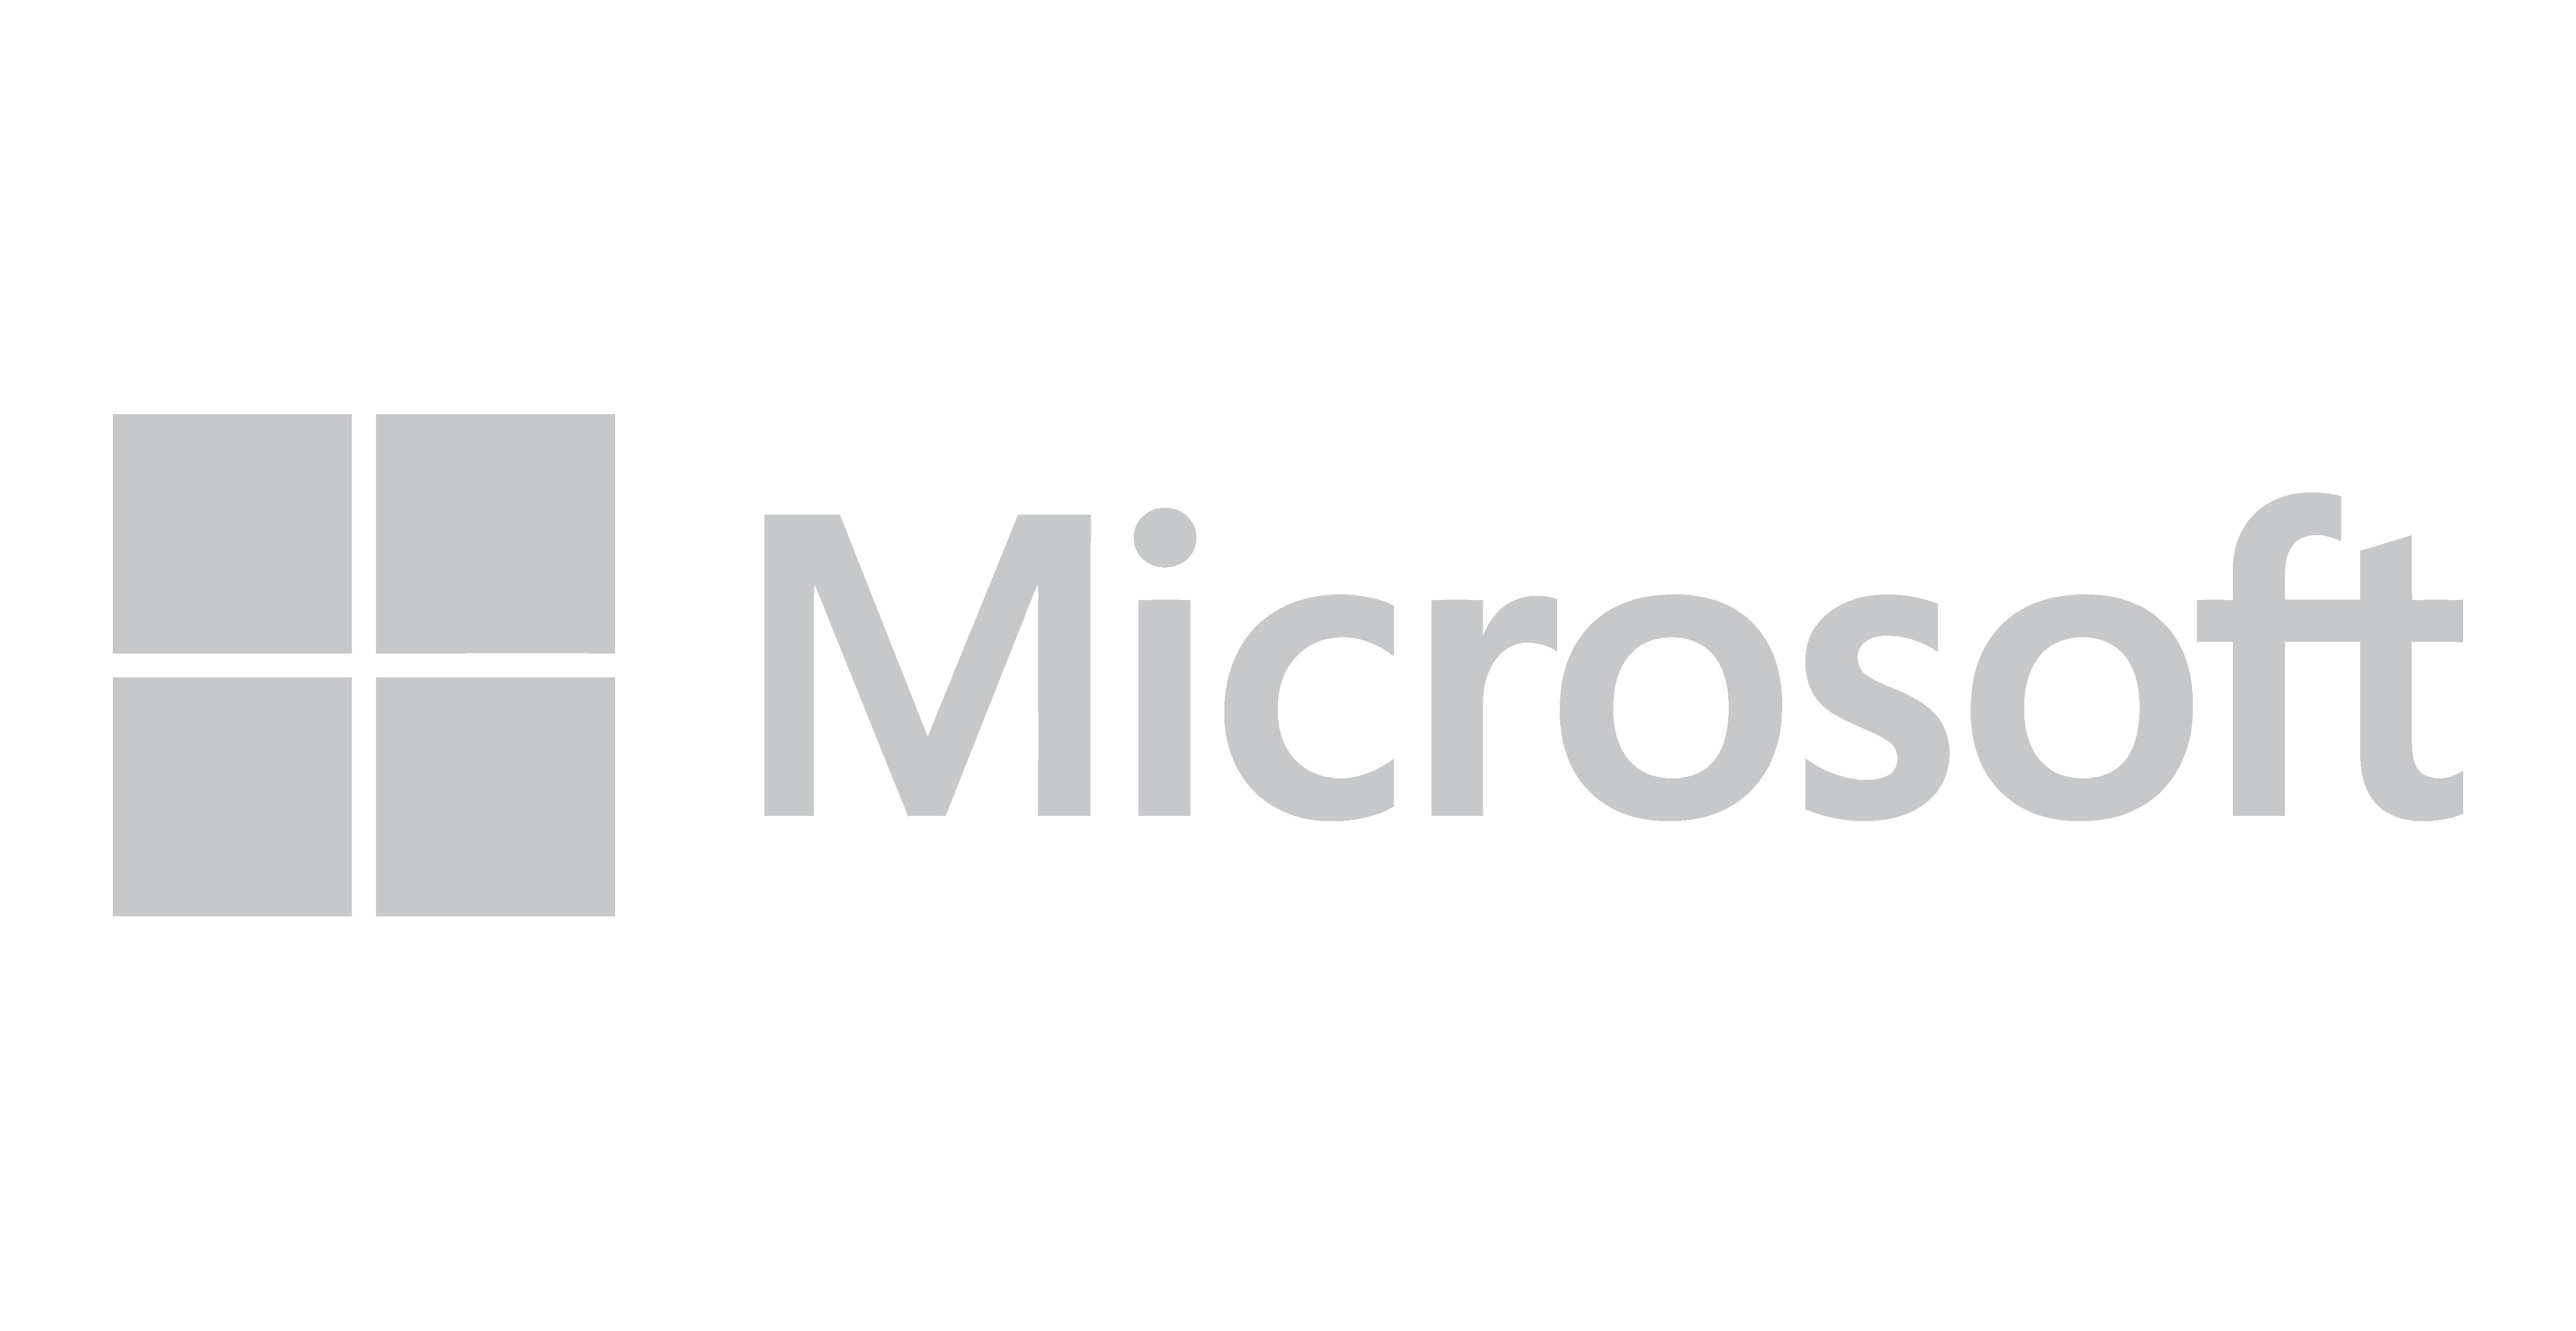 Xynergie Partners, Microsoft